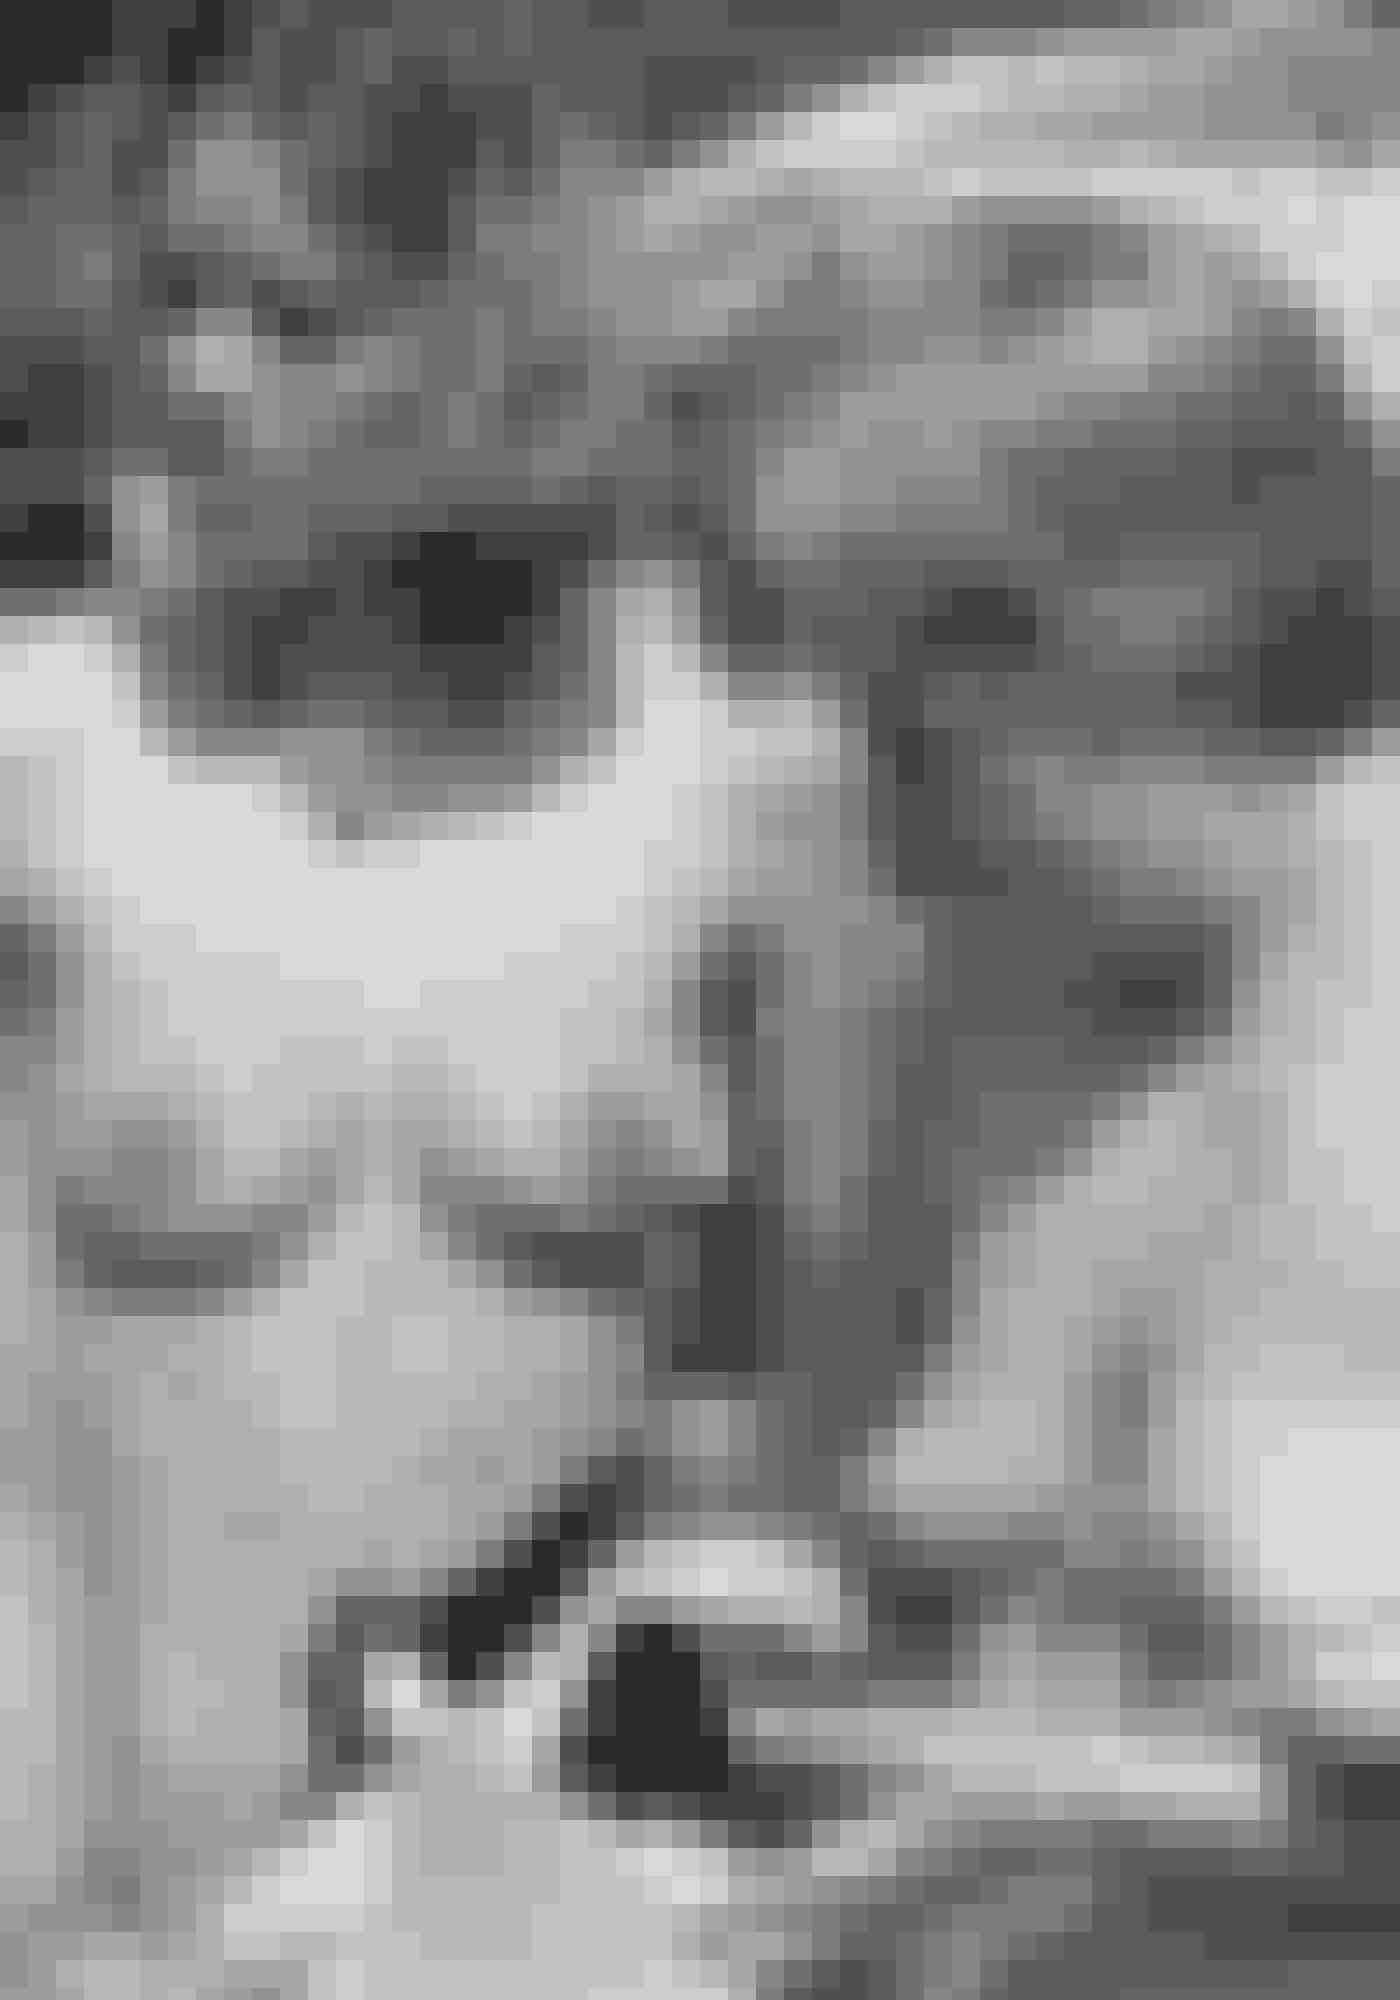 1968Bh'en bliver symbol på mandens undertrykkelse af kvinden, hvilket de amerikanske feminister, The Redstockings, demonstrerer i 1968, da de smider deres bh'er i affaldssække foran en skønhedskonkurrence i Atlantic City. Herhjemme vifter rødstrømperne tre år efter med deres bh'er og kræver billigere busbilletter for at gøre opmærksom på behovet for ligestilling og ligeløn med mænd.